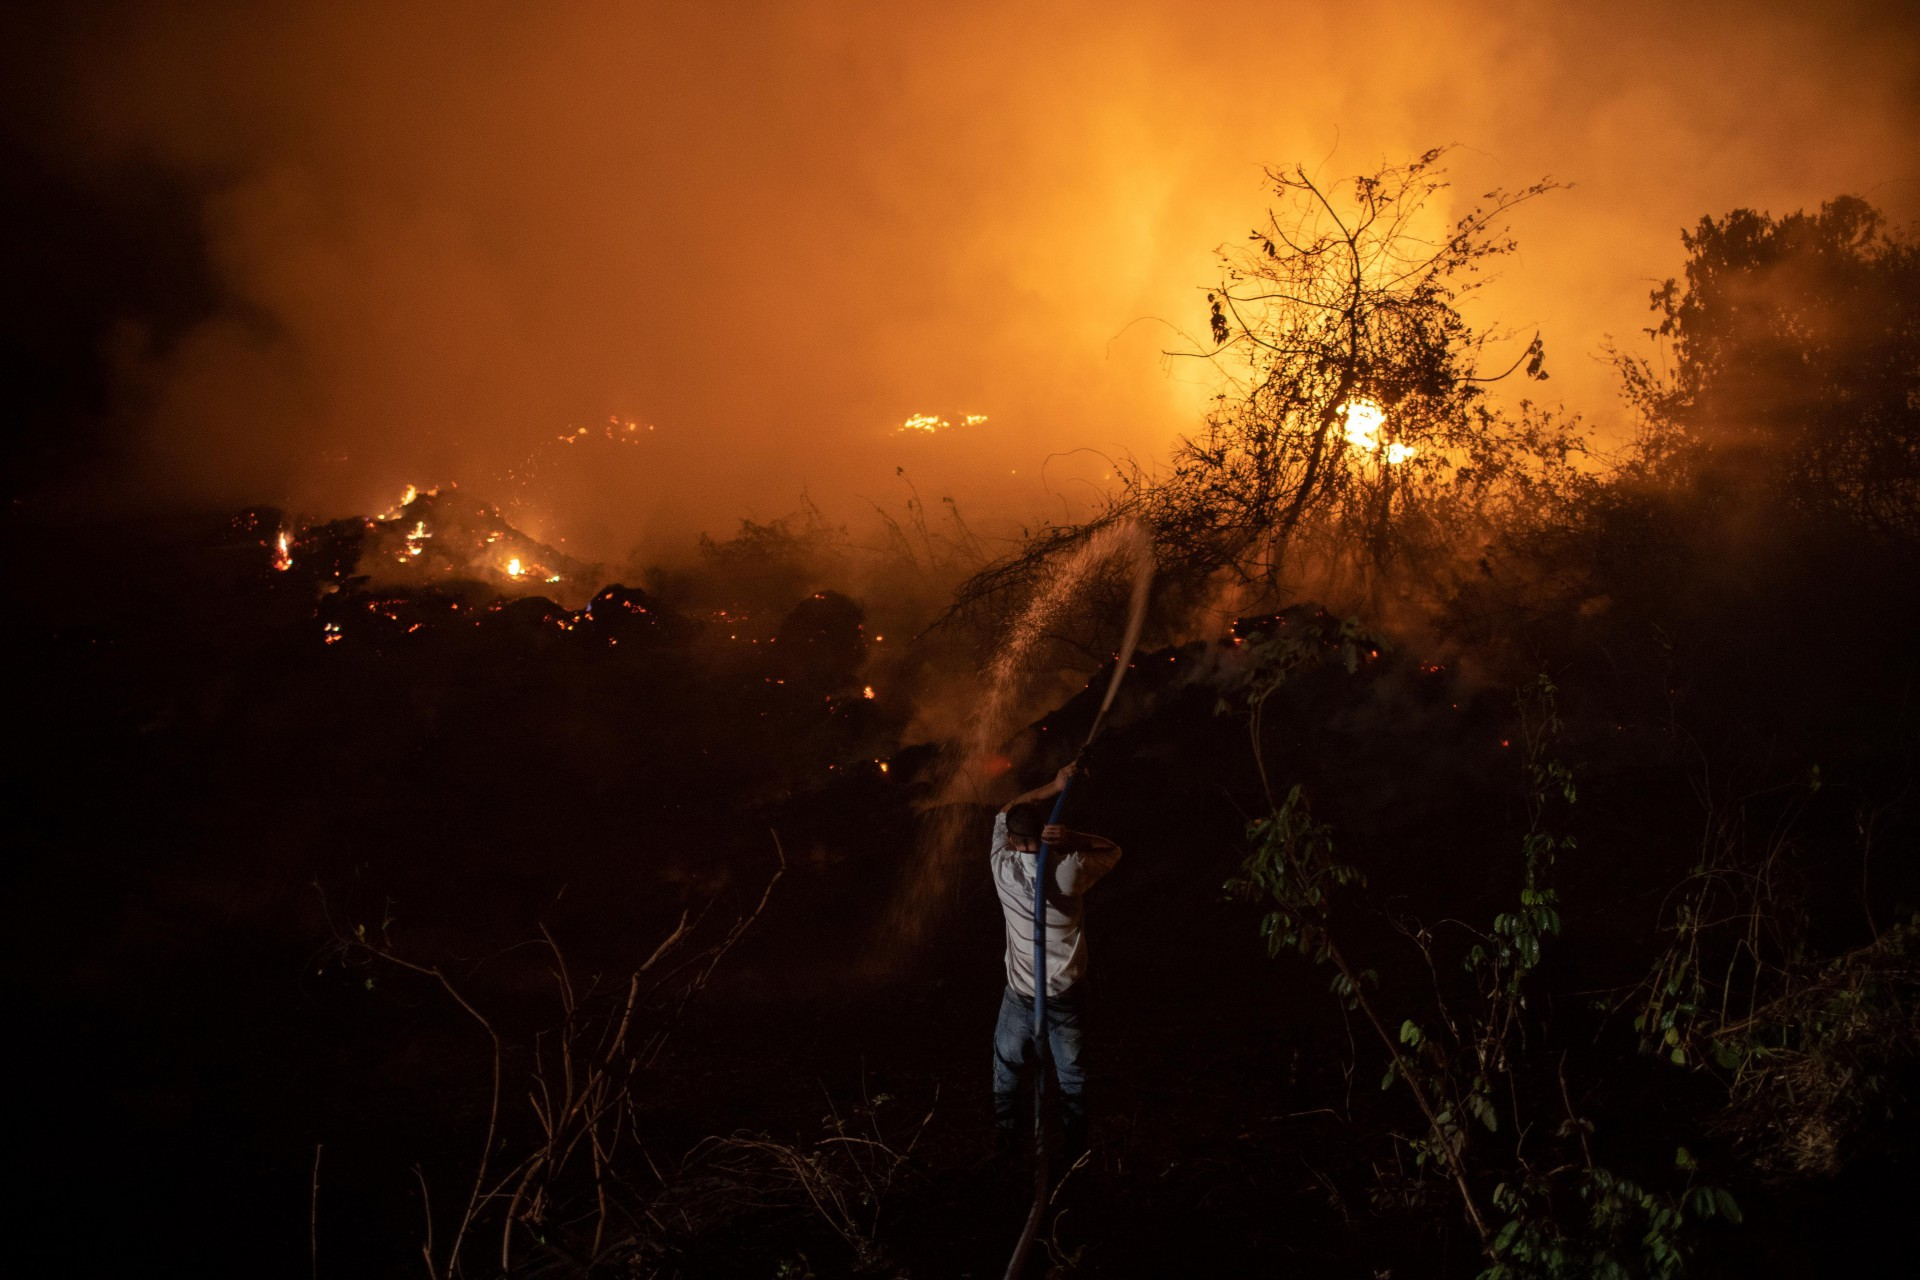 Avião de Bolsonaro arremete em Mato Grosso por causa da fumaça de queimadas | Política - Últimas Notícias em Fortaleza e Ceará - O POVO